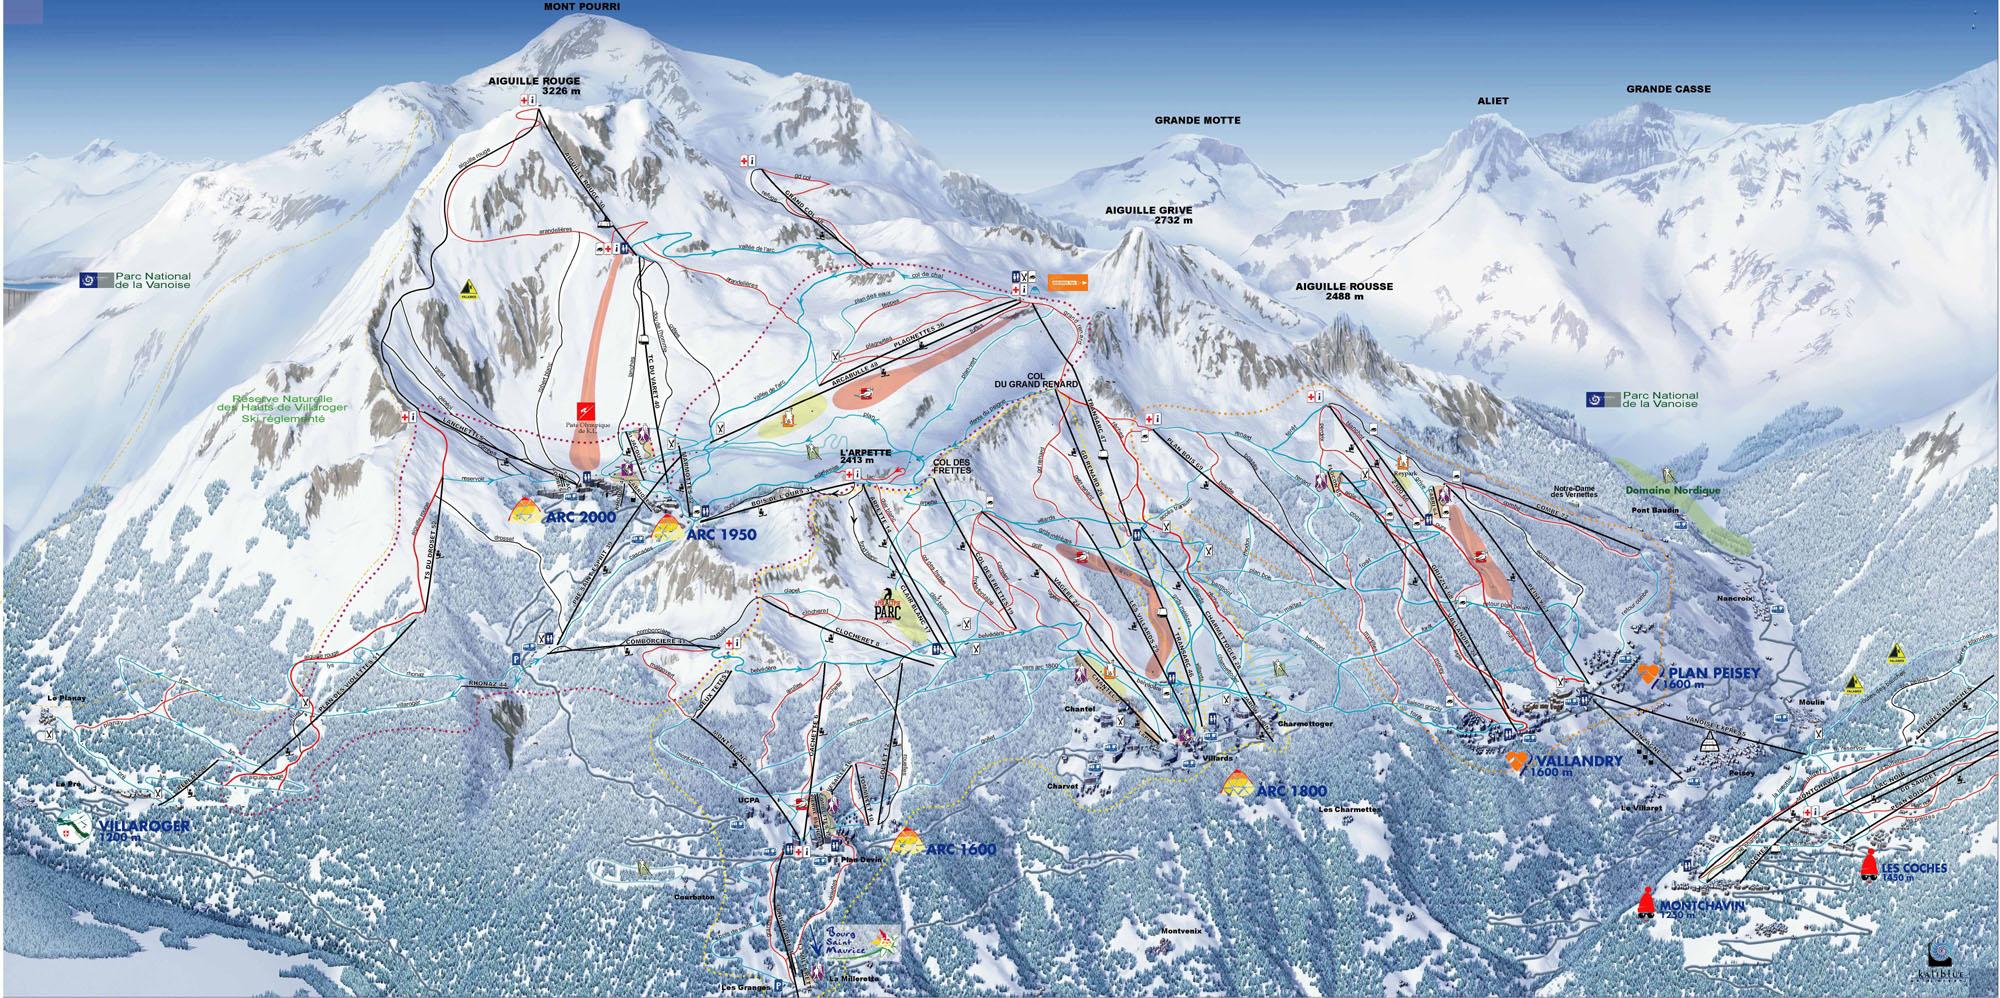 Station de ski peisey vallandry alpes du nord savoie vacances - Office de tourisme de bourg saint maurice ...